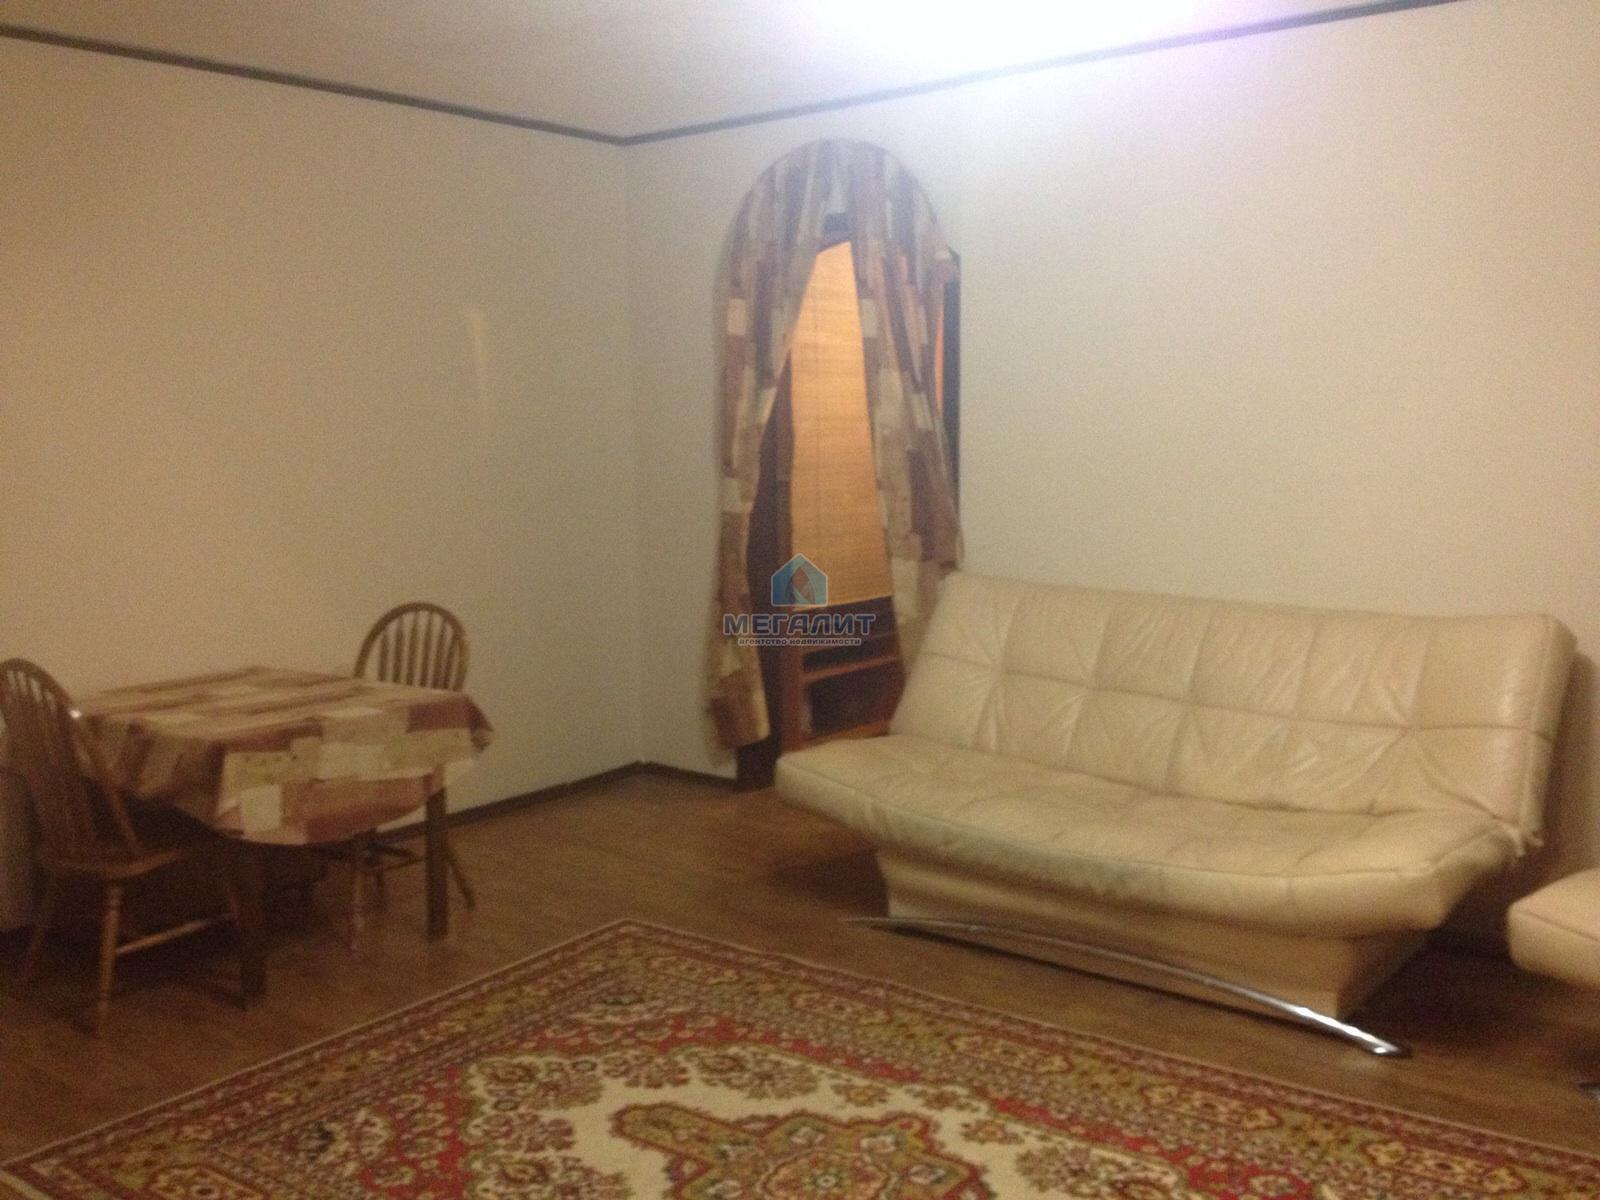 Аренда 3-к квартиры Качалова 78, 75.0 м² (миниатюра №6)